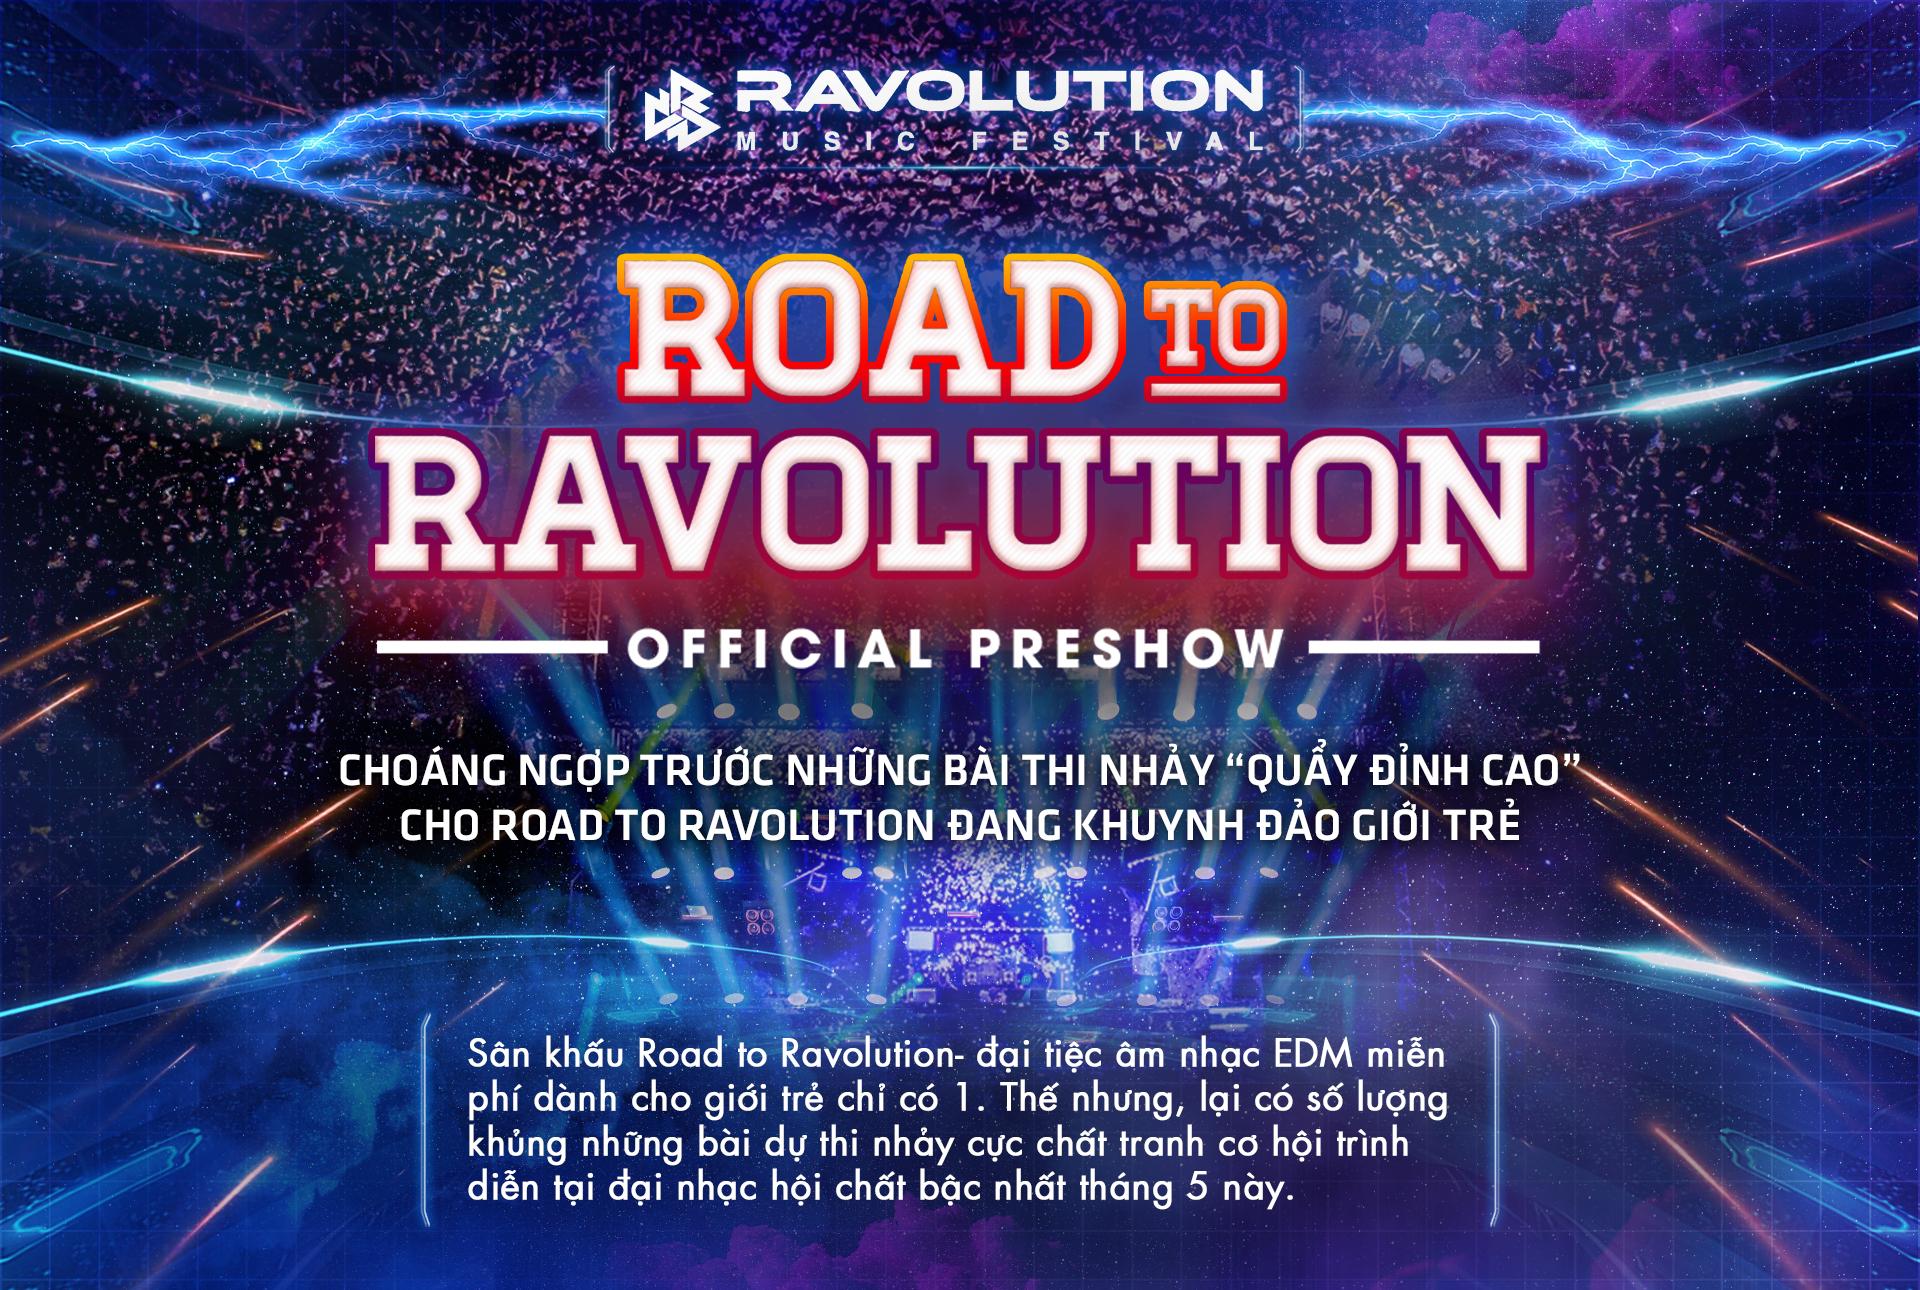 Choáng ngợp trước những bài thi nhảy 'quẩy đỉnh cao'  cho Road to Ravolution đang khuynh đảo giới trẻ